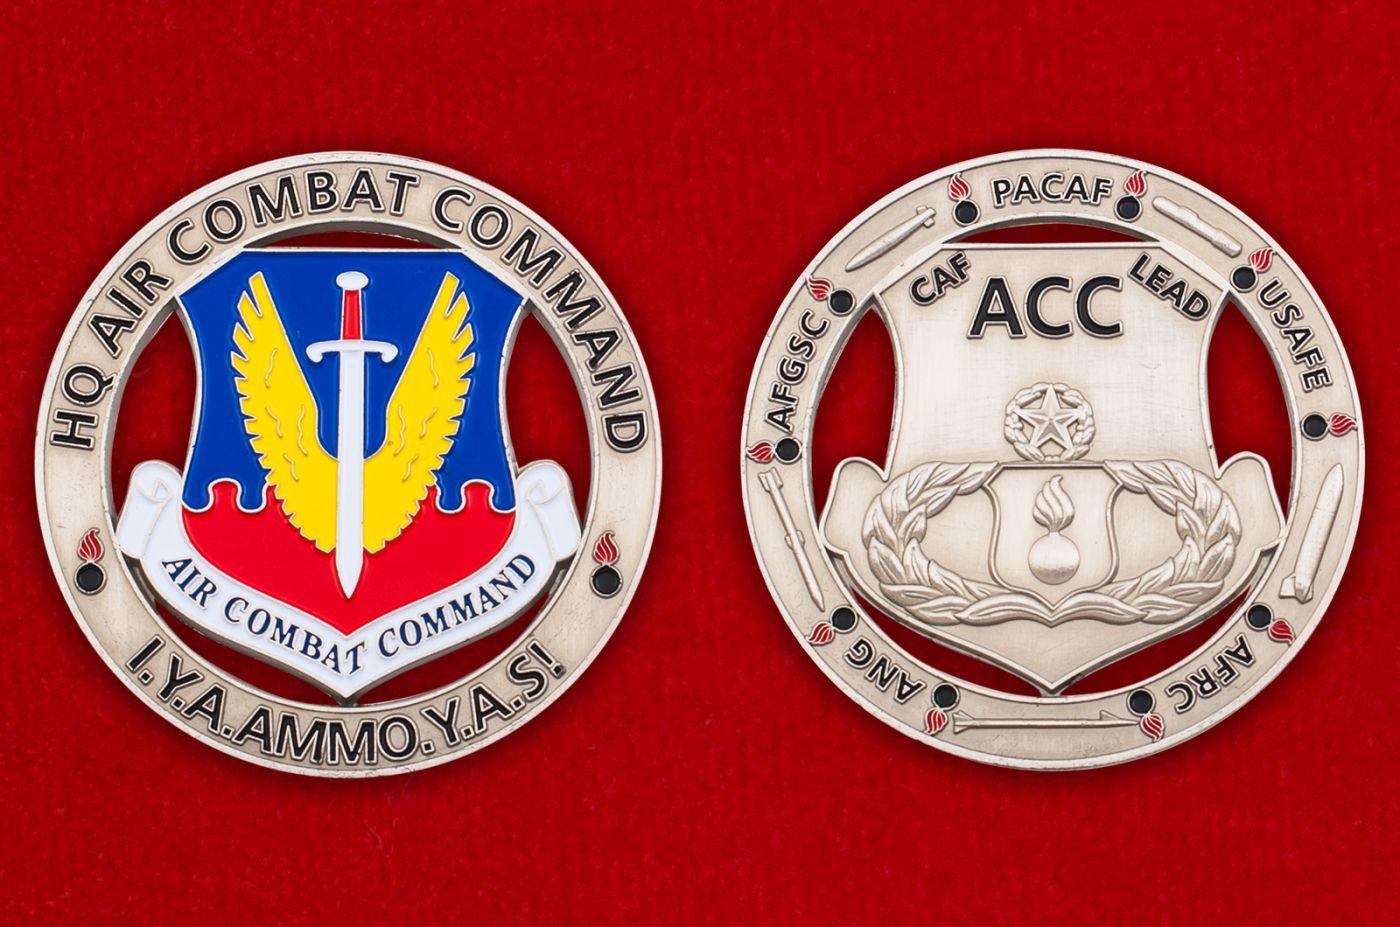 Челлендж коин Боевого авиационного командования ВВС США - аверс и реверс